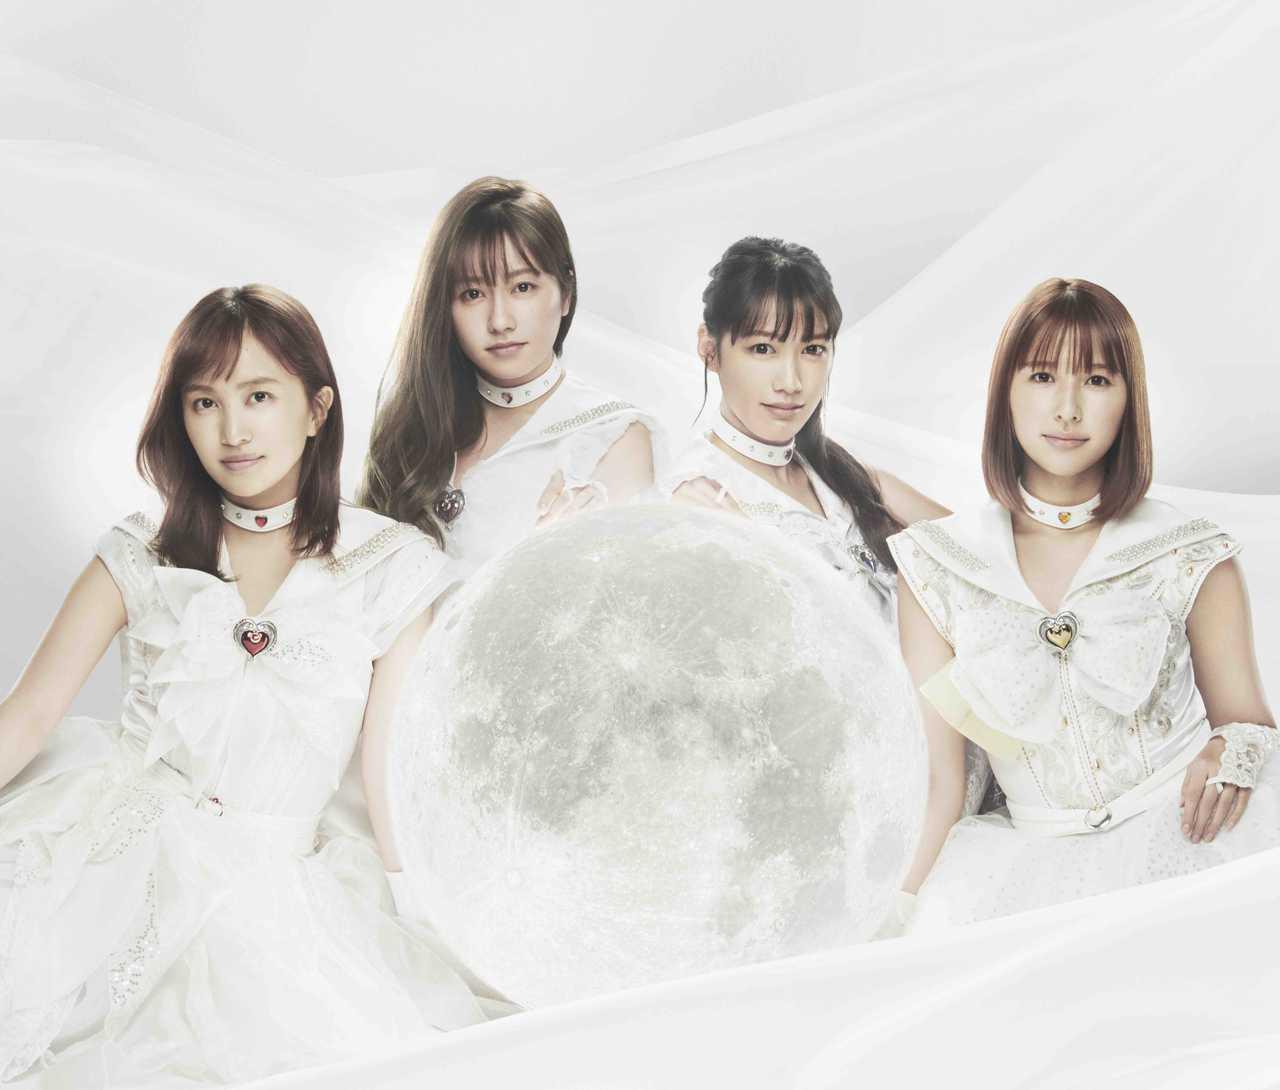 ももクロ 劇場版「美少女戦士セーラームーン Eternal」主題歌『月色Chainon』収録内容&新アー写公開!